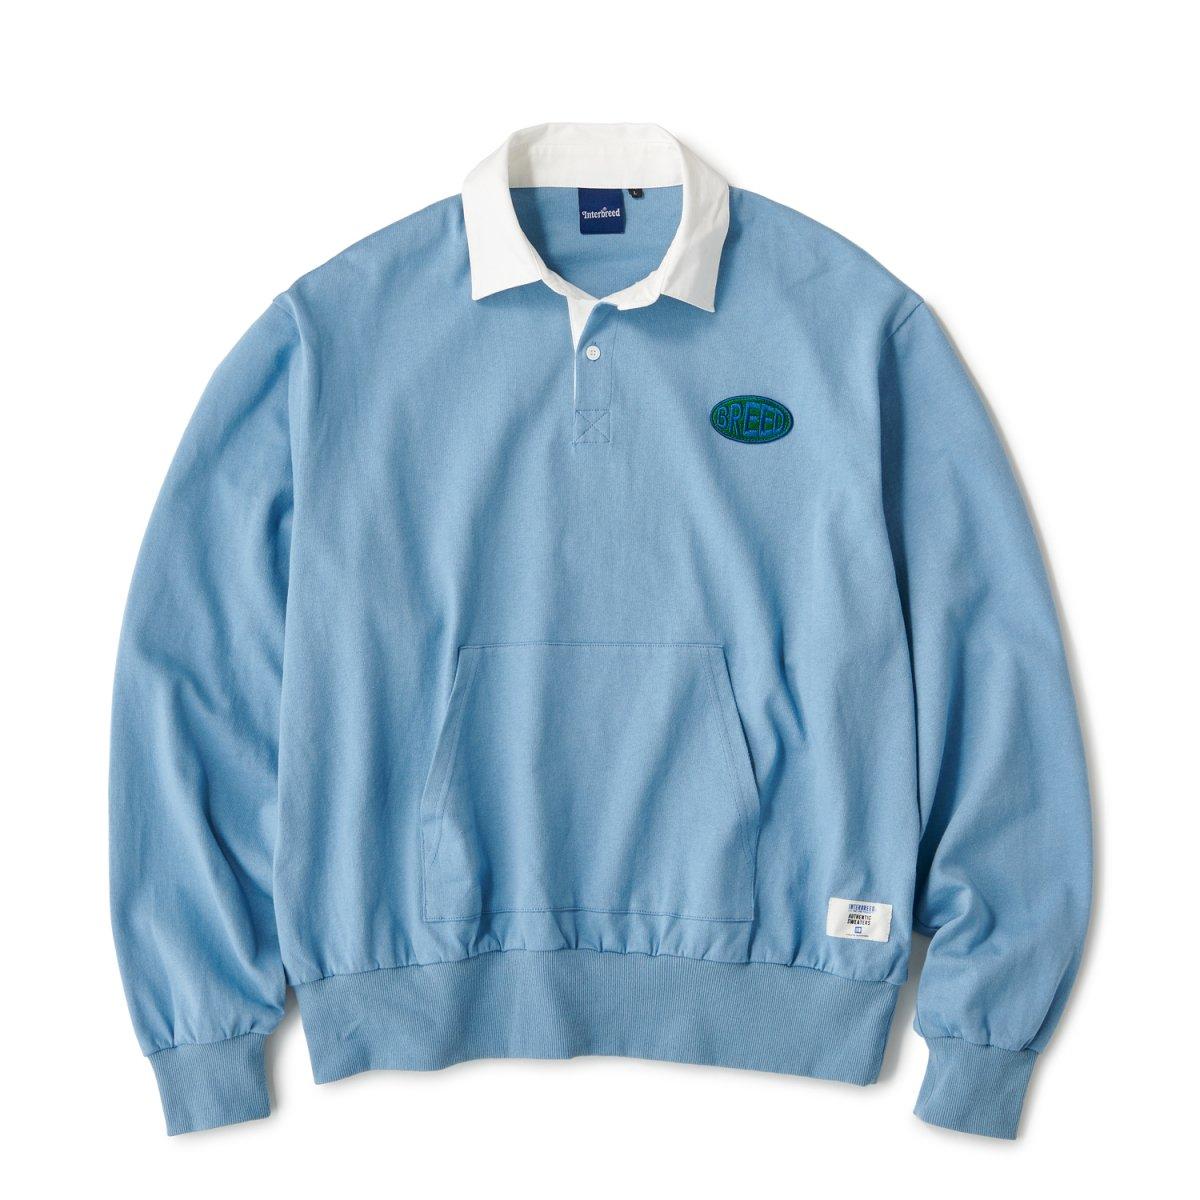 Shove-it Shirt / Blue